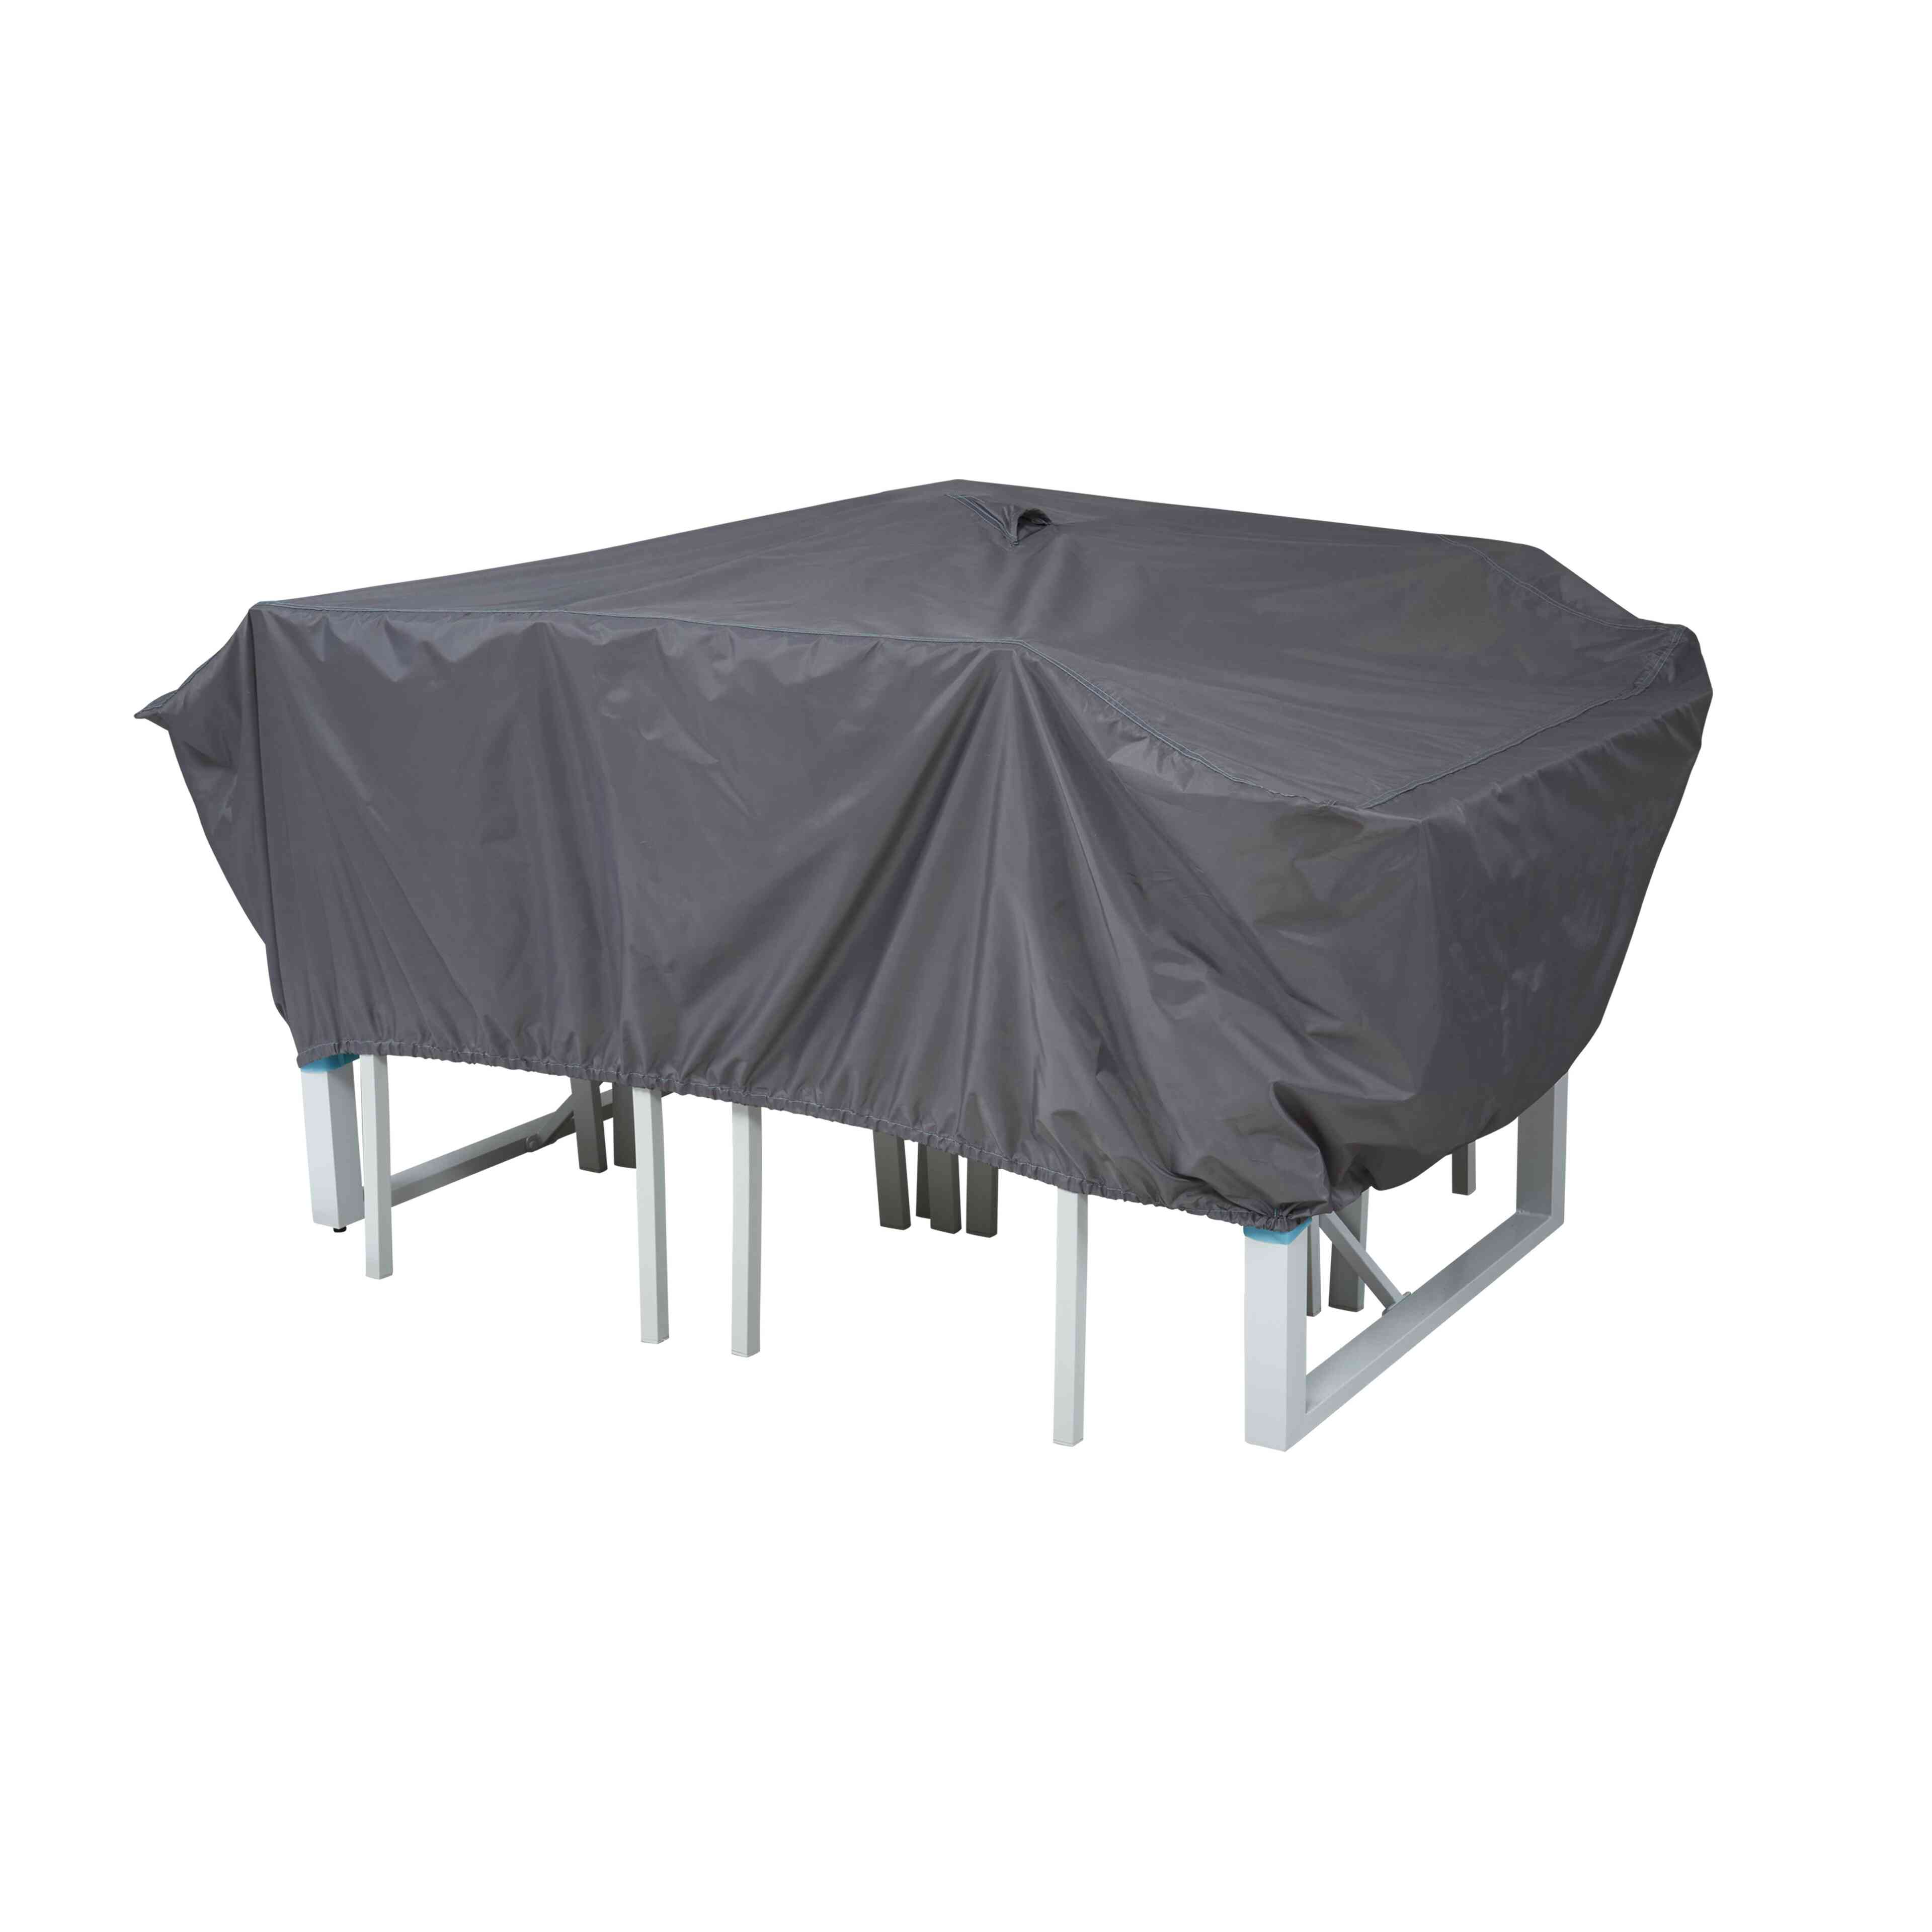 housse de protection table de jardin 180 x 110 cm. Black Bedroom Furniture Sets. Home Design Ideas